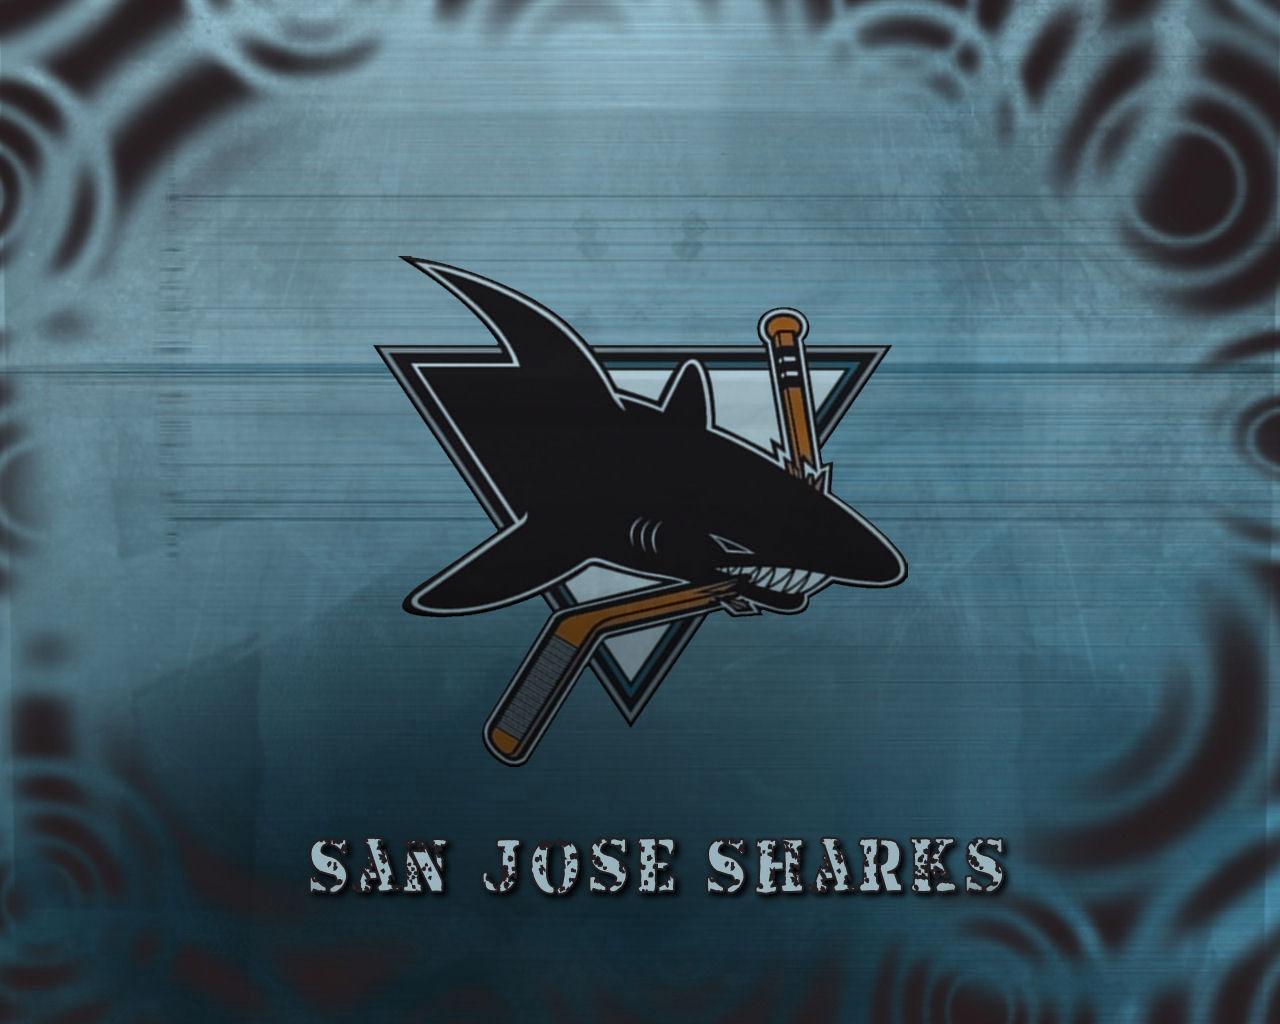 san jose sharks wallpapers san jose sharks backgrounds san jose 1280x1024